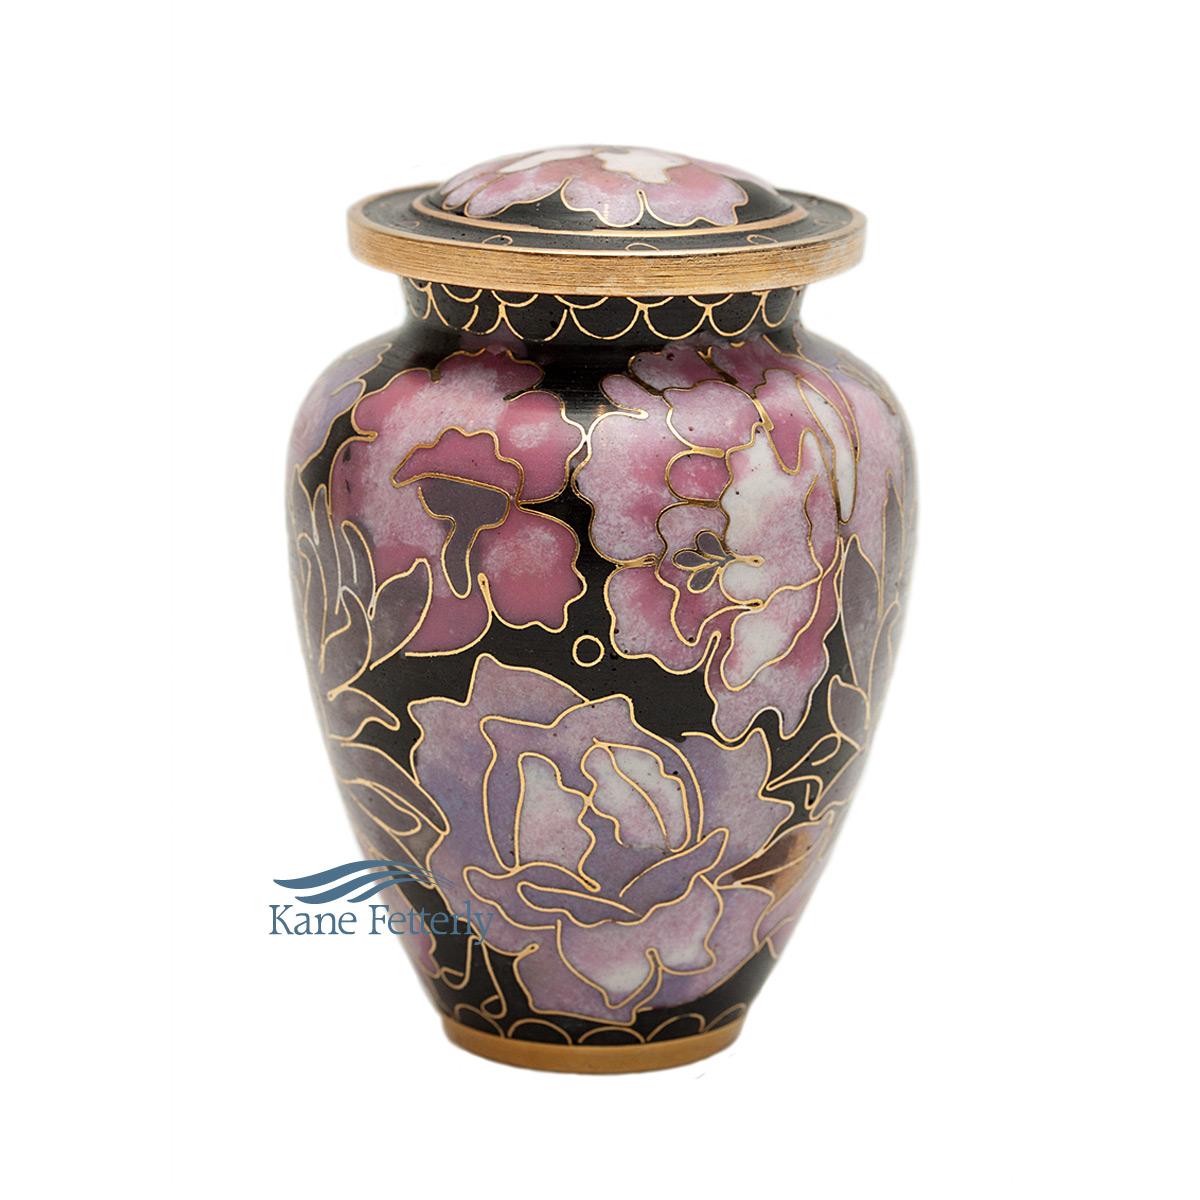 U8599K Cloisonn� miniature urn